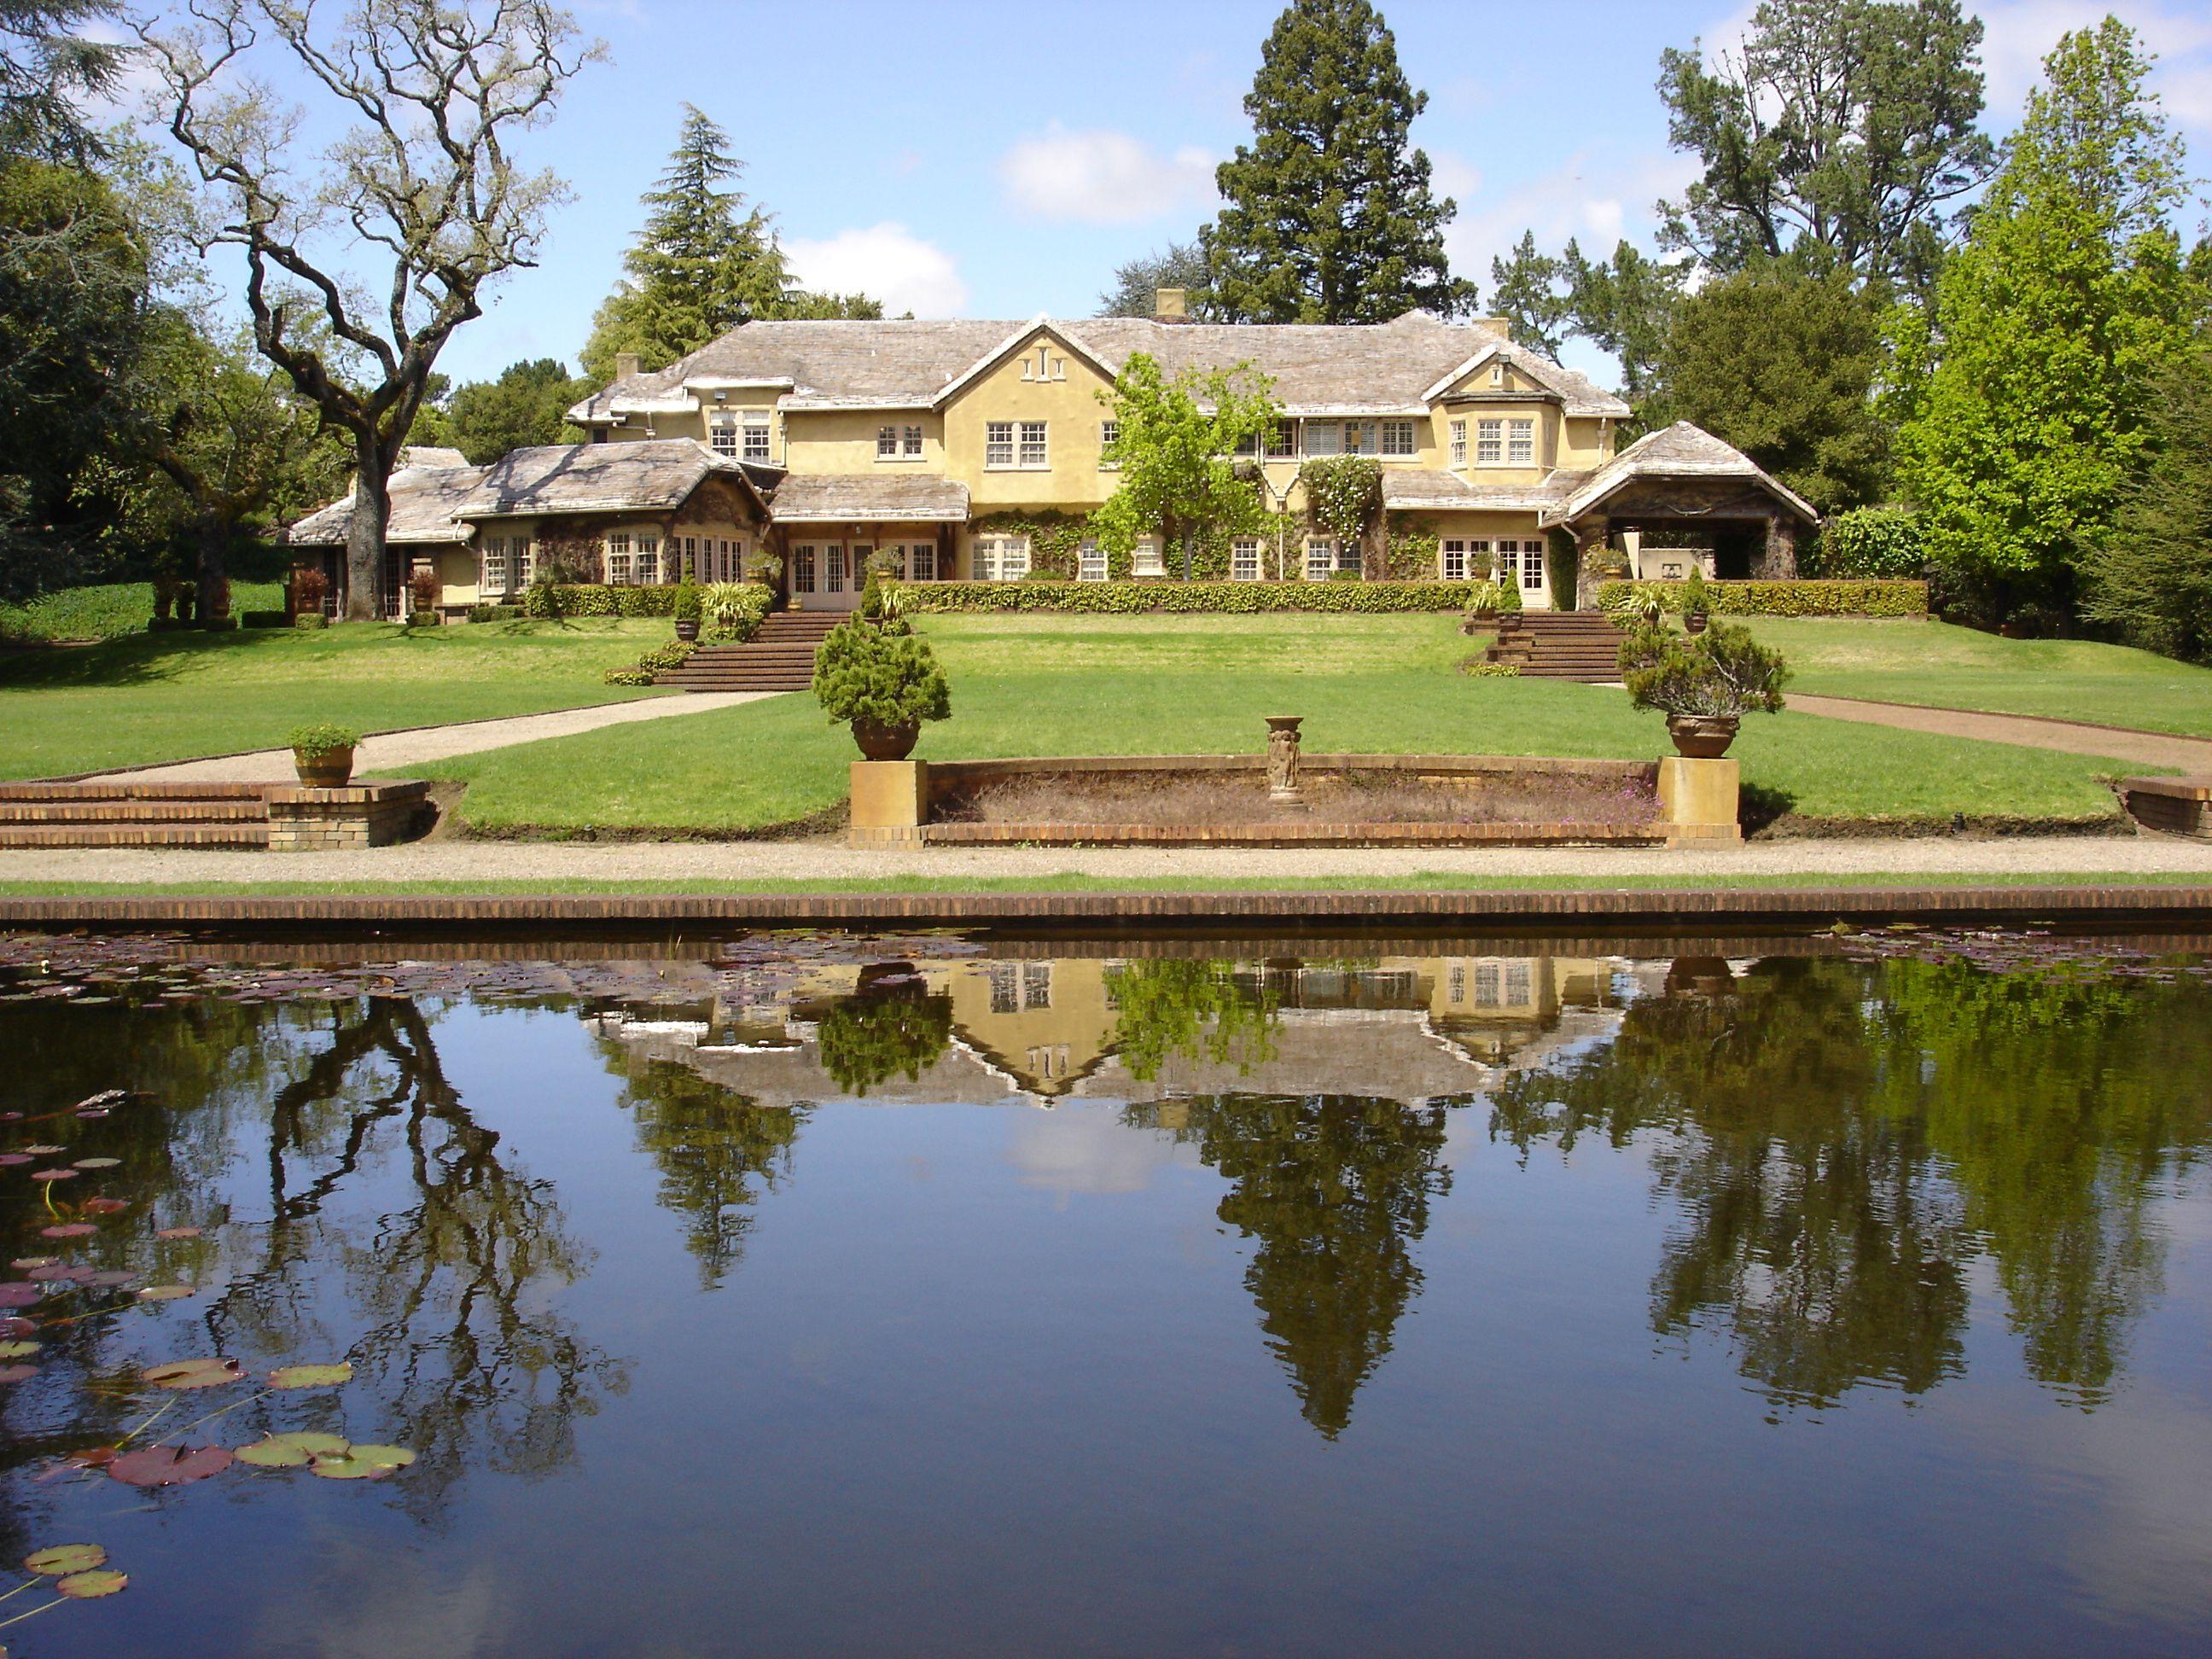 House of green gables melbourne fl - Green Gables Greene Greene S Fleishhacker Estate Woodside California